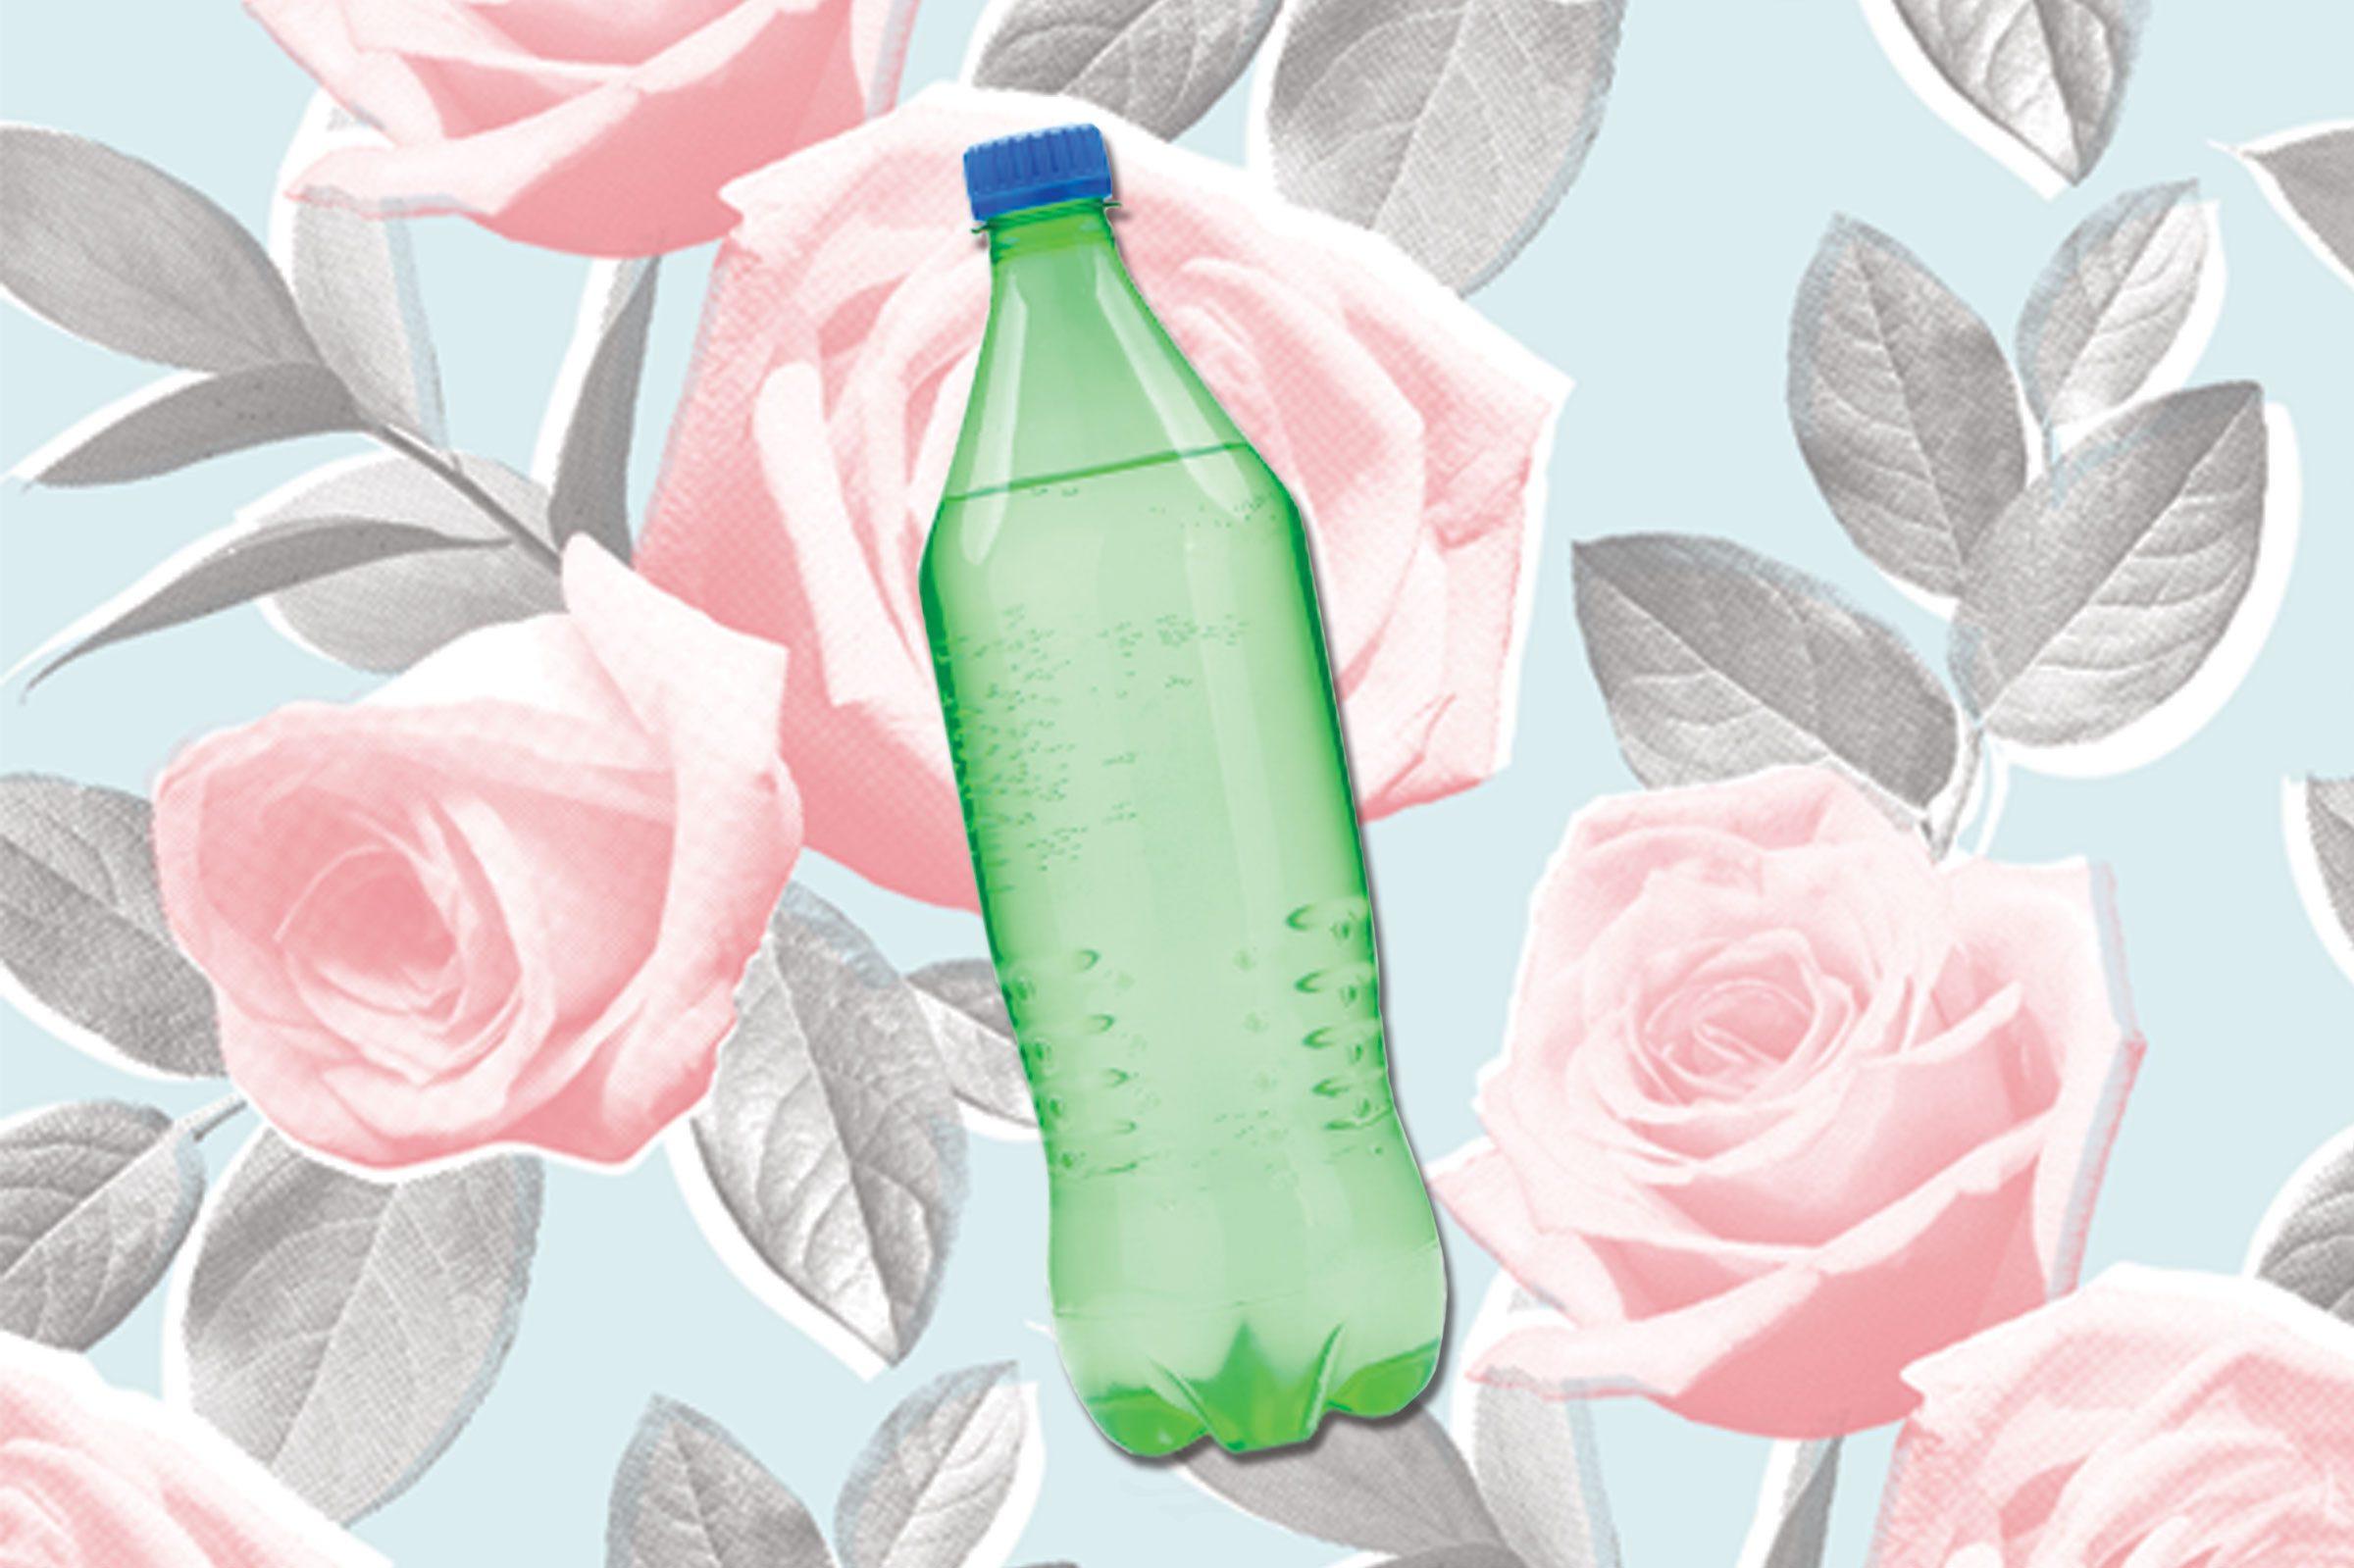 Colores de flores y simbolización de rosas ¿Qué simboliza o simboliza esa flor?